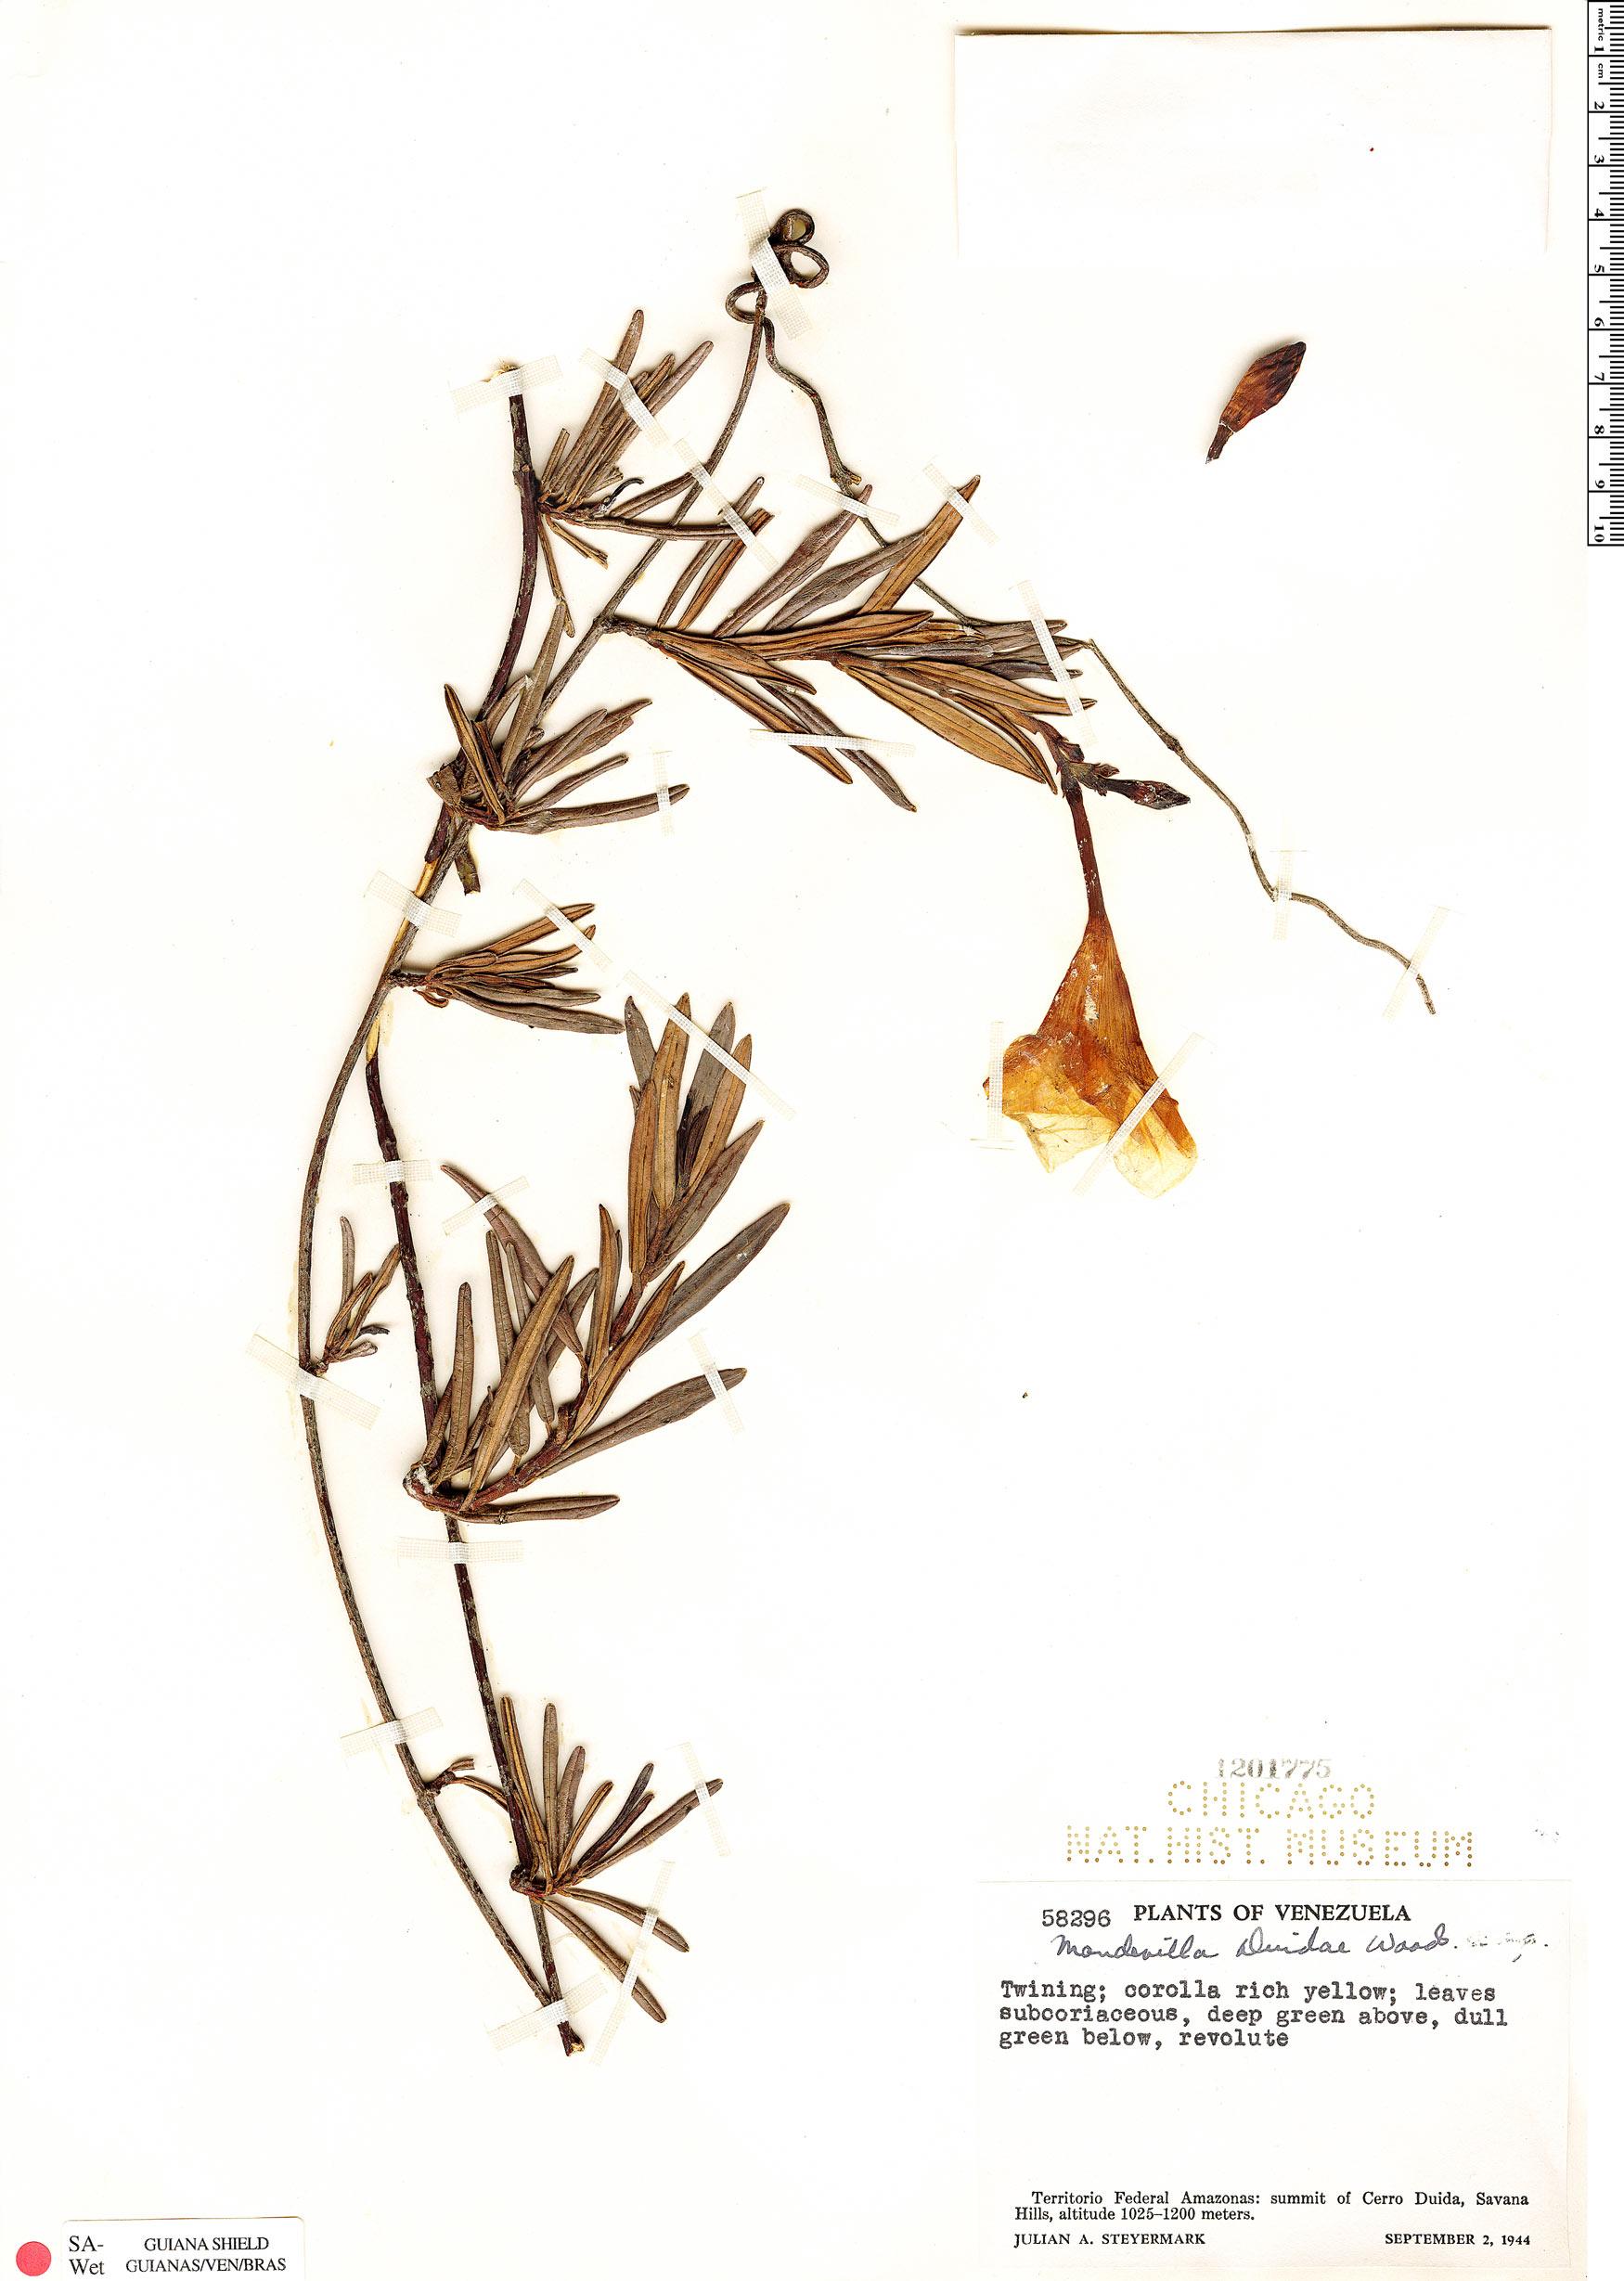 Specimen: Mandevilla duidae